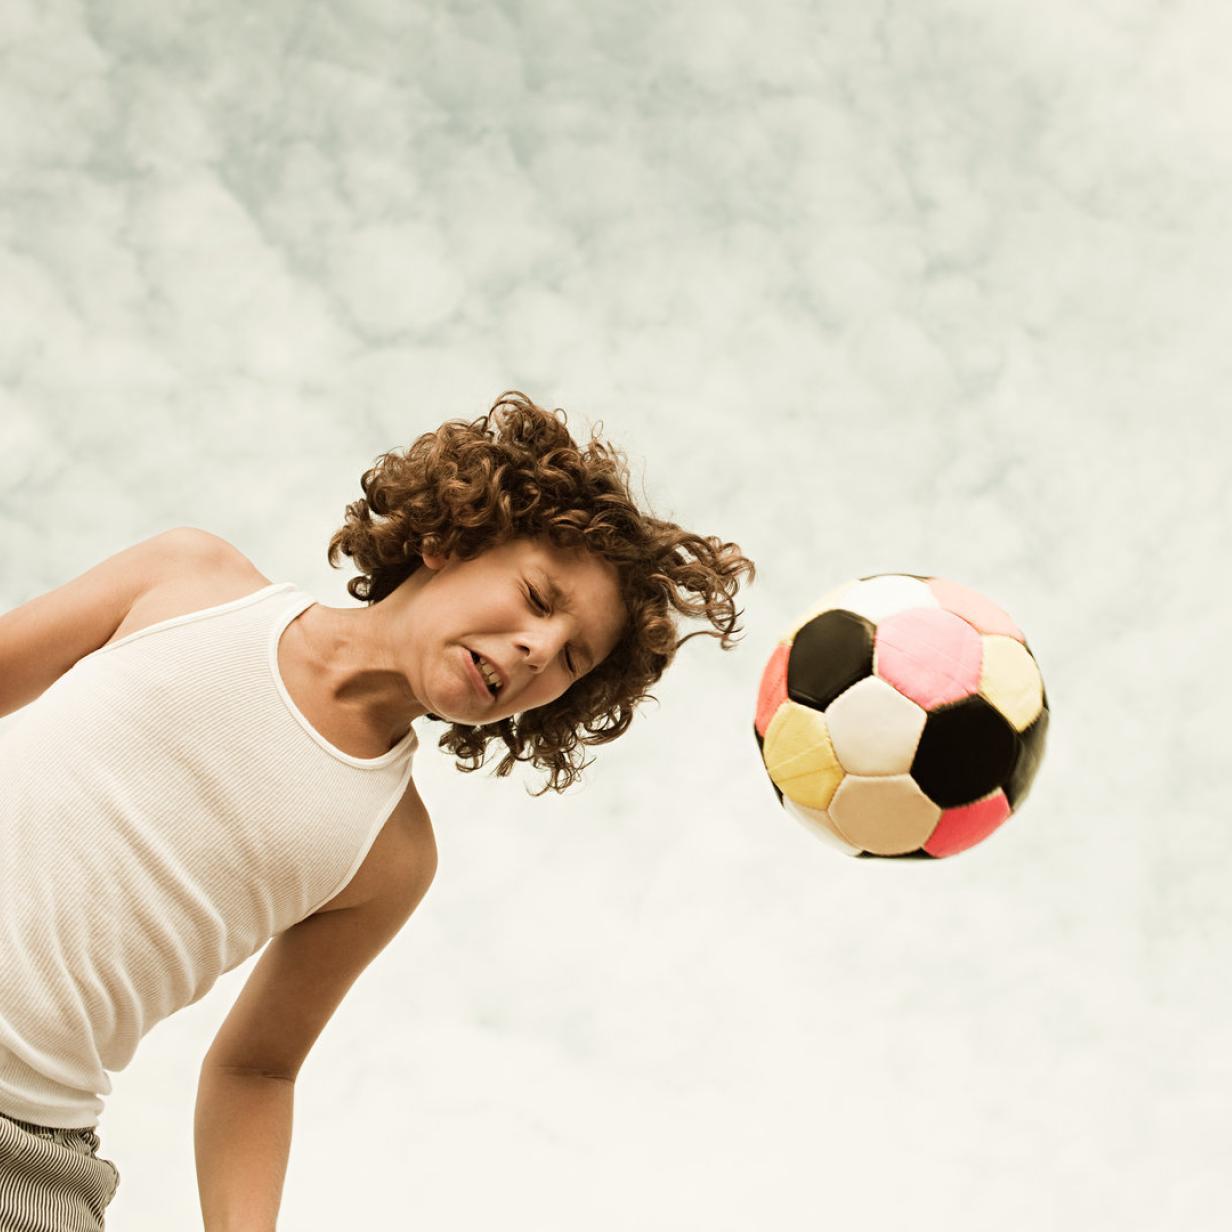 Gehirnerschütterung: Im Amateursport zu wenig beachtet